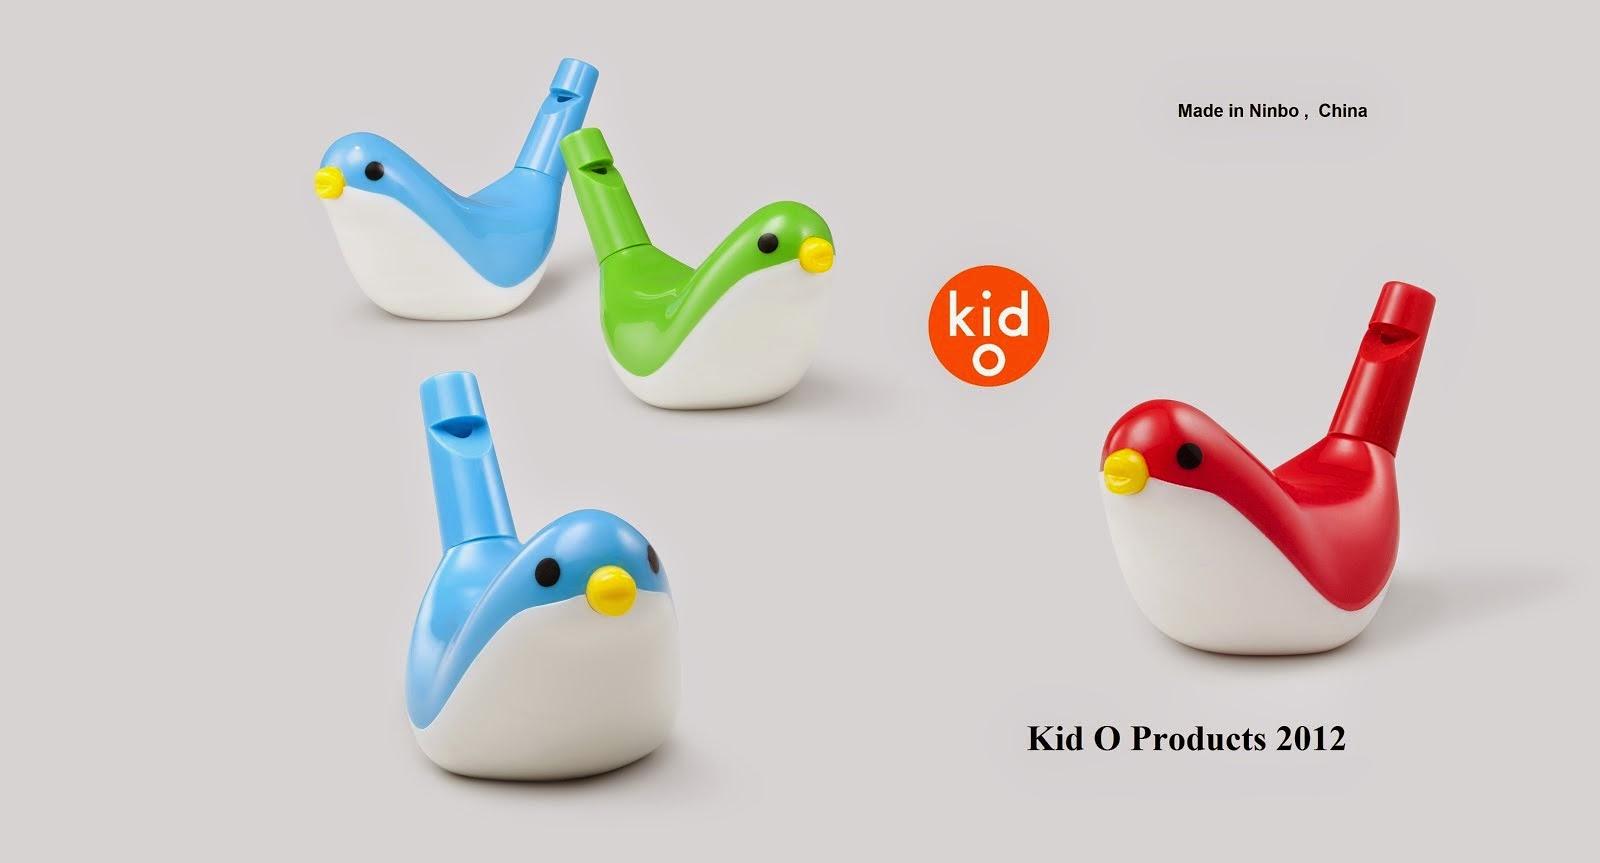 Kid 0